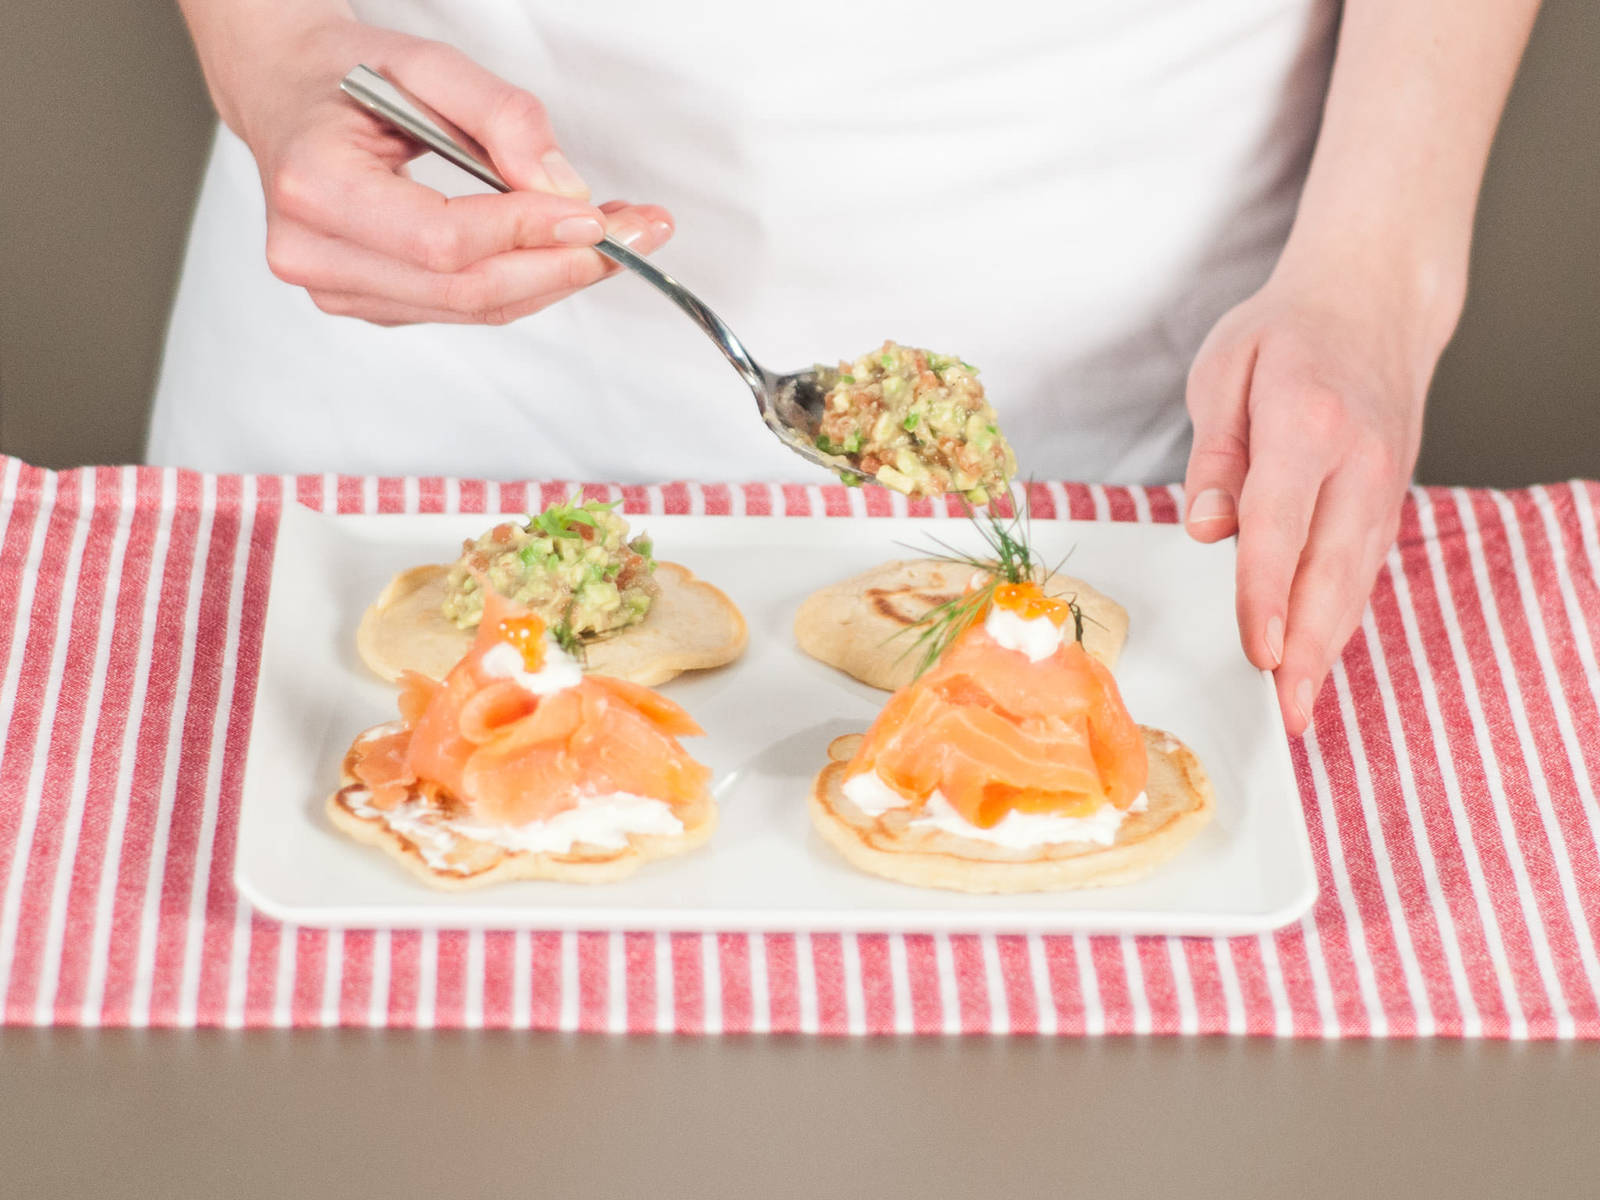 Hälfte der Blinis mit Frischkäse-Topping bestreichen. Räucherlachs in mundgerechte Stücke zupfen. Lachs auf den Frischkäse geben und mit Kaviar garnieren. Restliche Blinis mit dem Avocado-Tomaten-Tatar bestreichen. Nach Wunsch mit mehr Dill garnieren. Als Vorspeise, Frühstück oder Snack genießen.